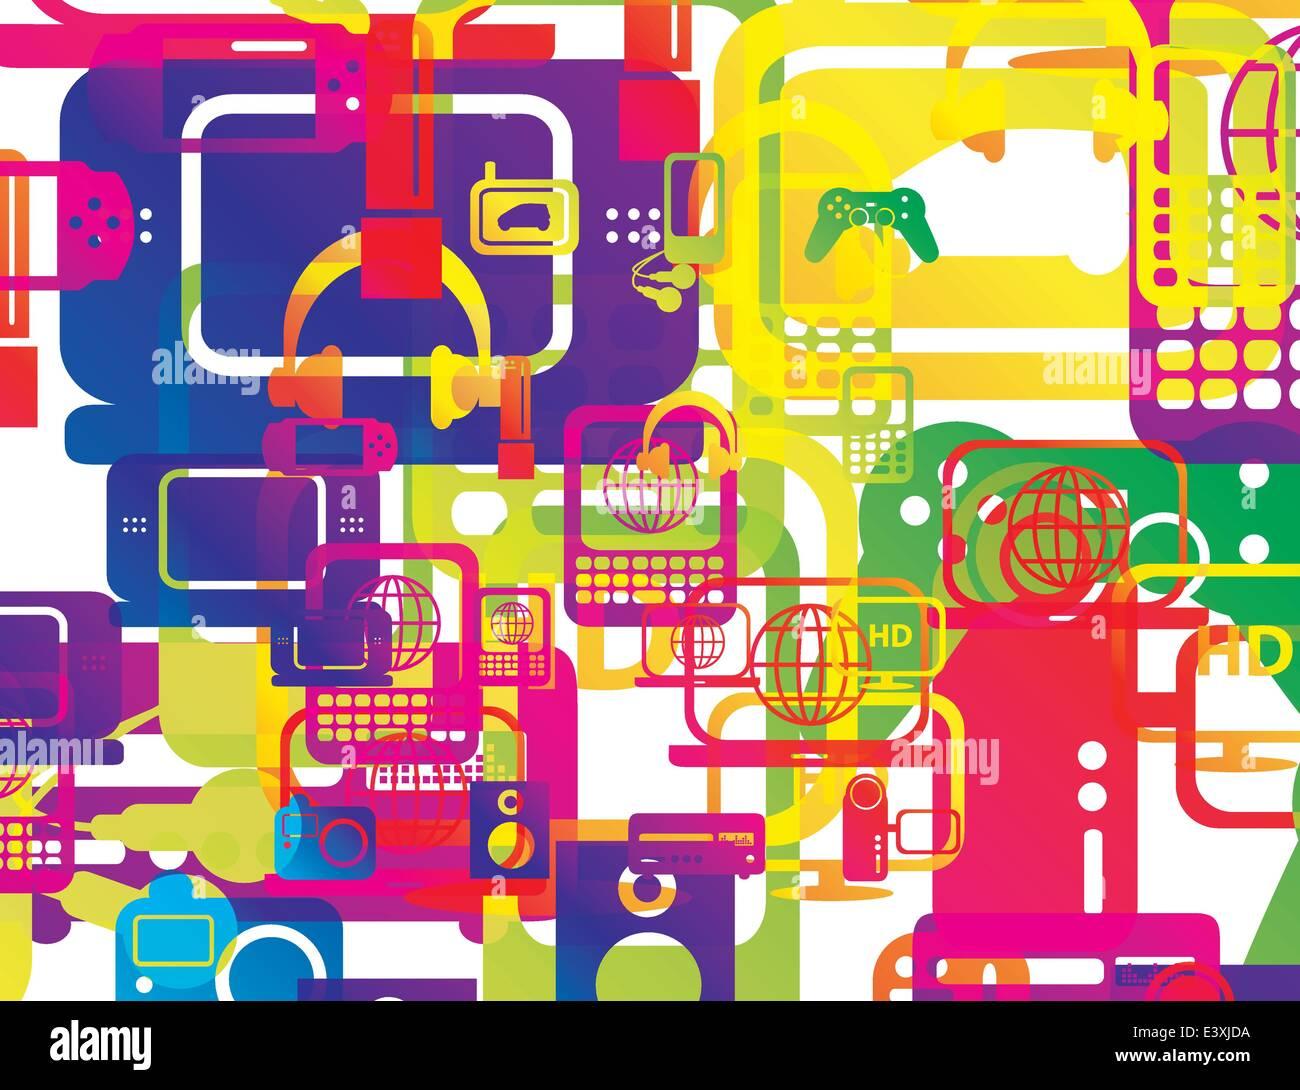 Illustrazione vettoriale di una selezione dei computer e della tecnologia hardware e stratificata moltiplicato per Immagini Stock